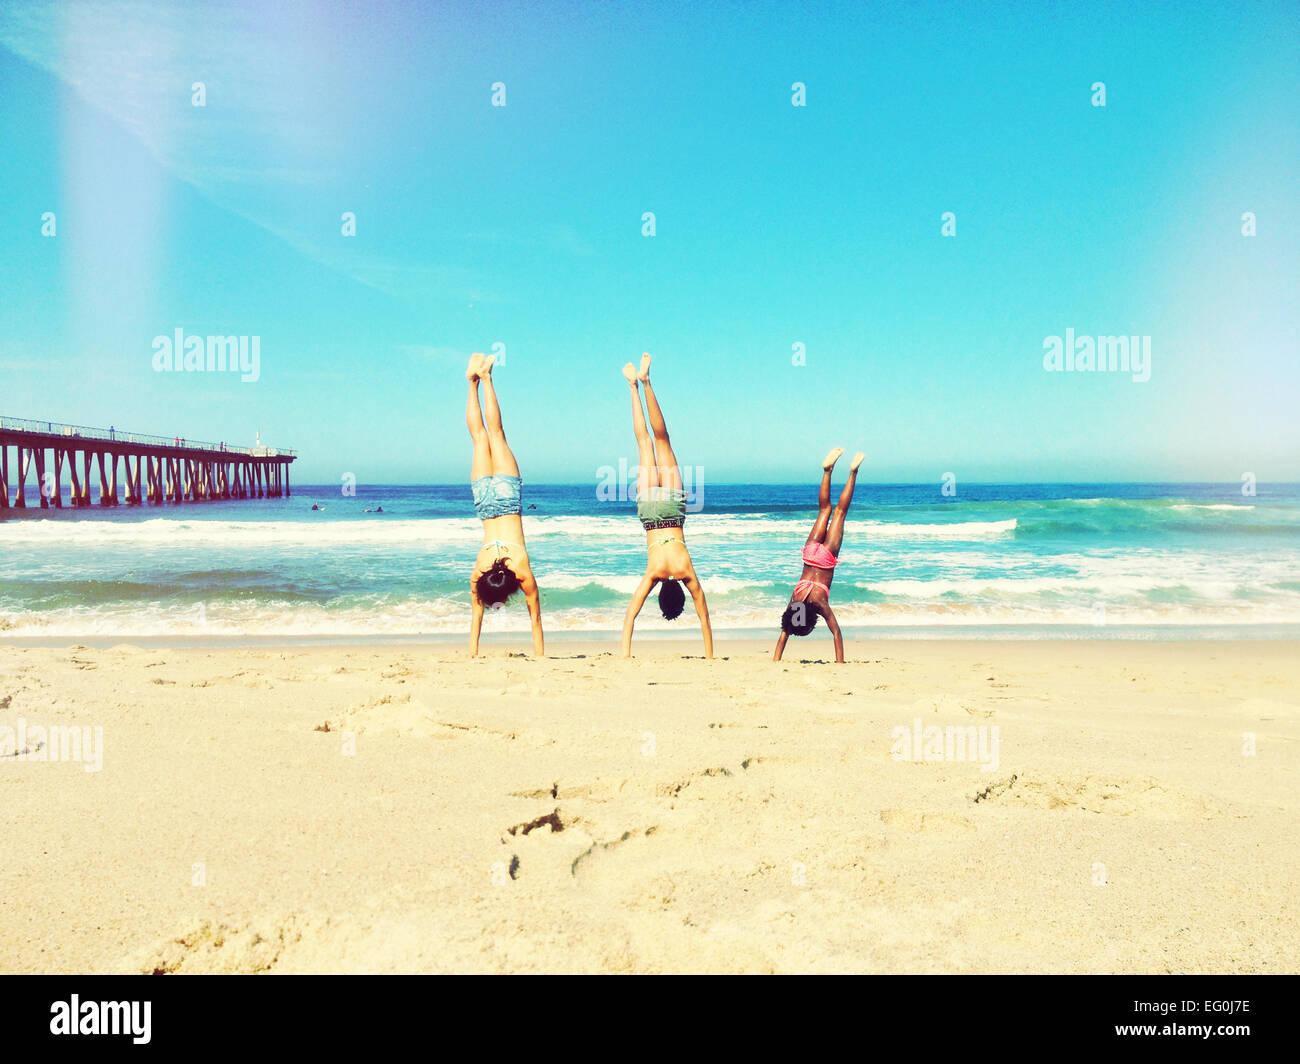 Mère, père et fille doing handstand on beach Banque D'Images